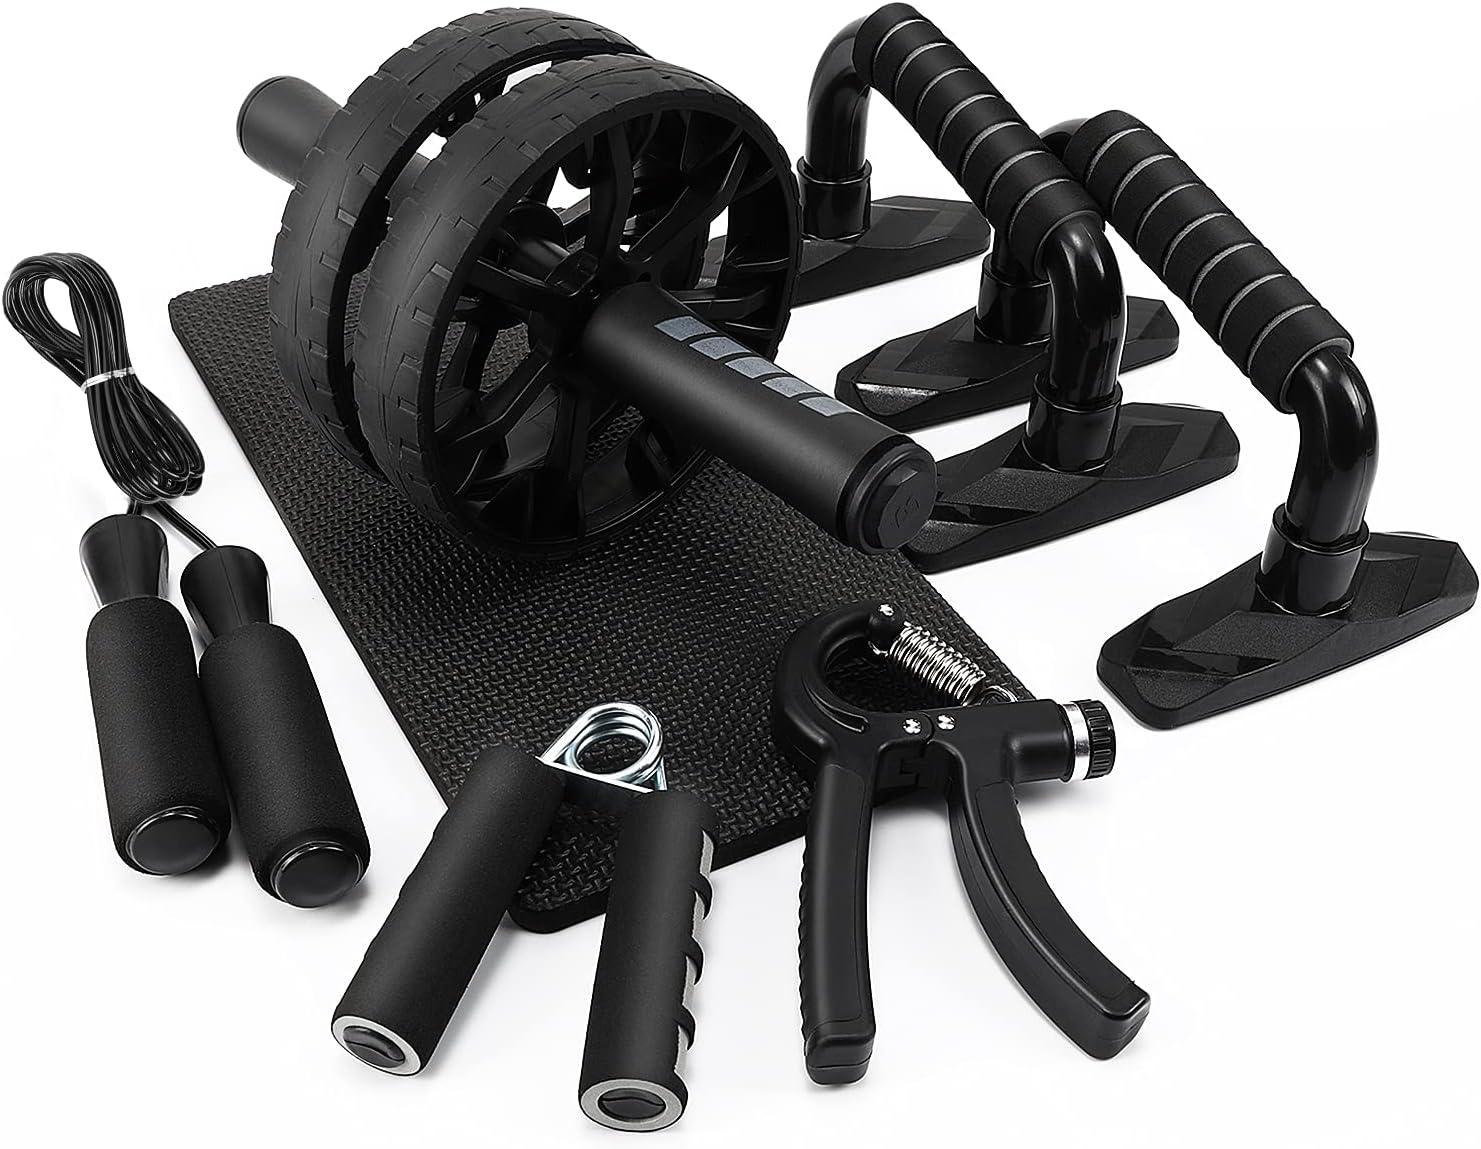 Rodillo Abdominales Set, 5 en 1 Kit de Rodillo de Rueda Ab Wheel Roller con Push Up Bars, Cuerda para Saltar, Rodilla Mat & Fortalecedores de Mano para Fitness Ejercicio Culturismo